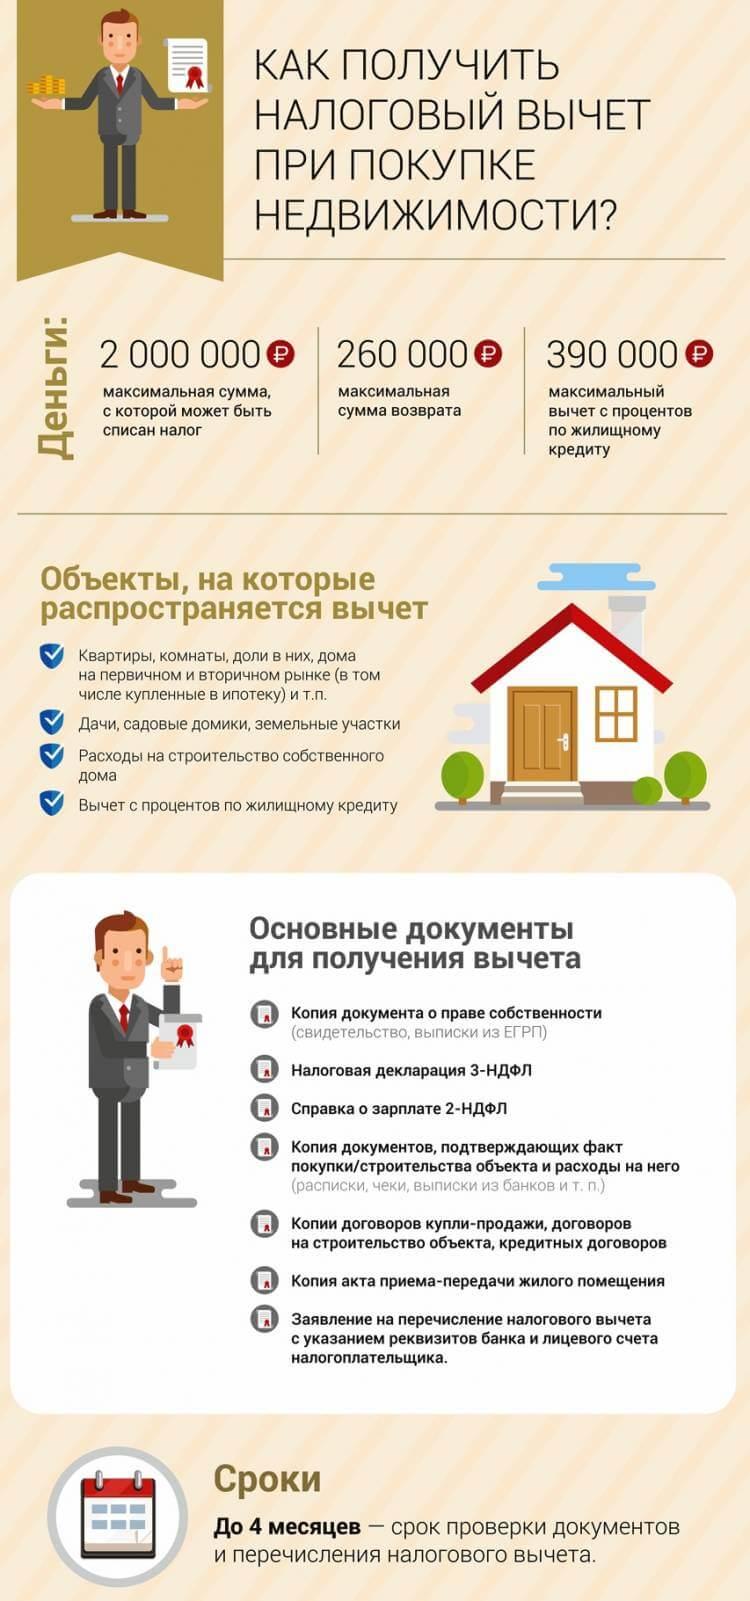 Возврат налога с покупки квартиры пенсионерам в 2017 году новый закон 2017